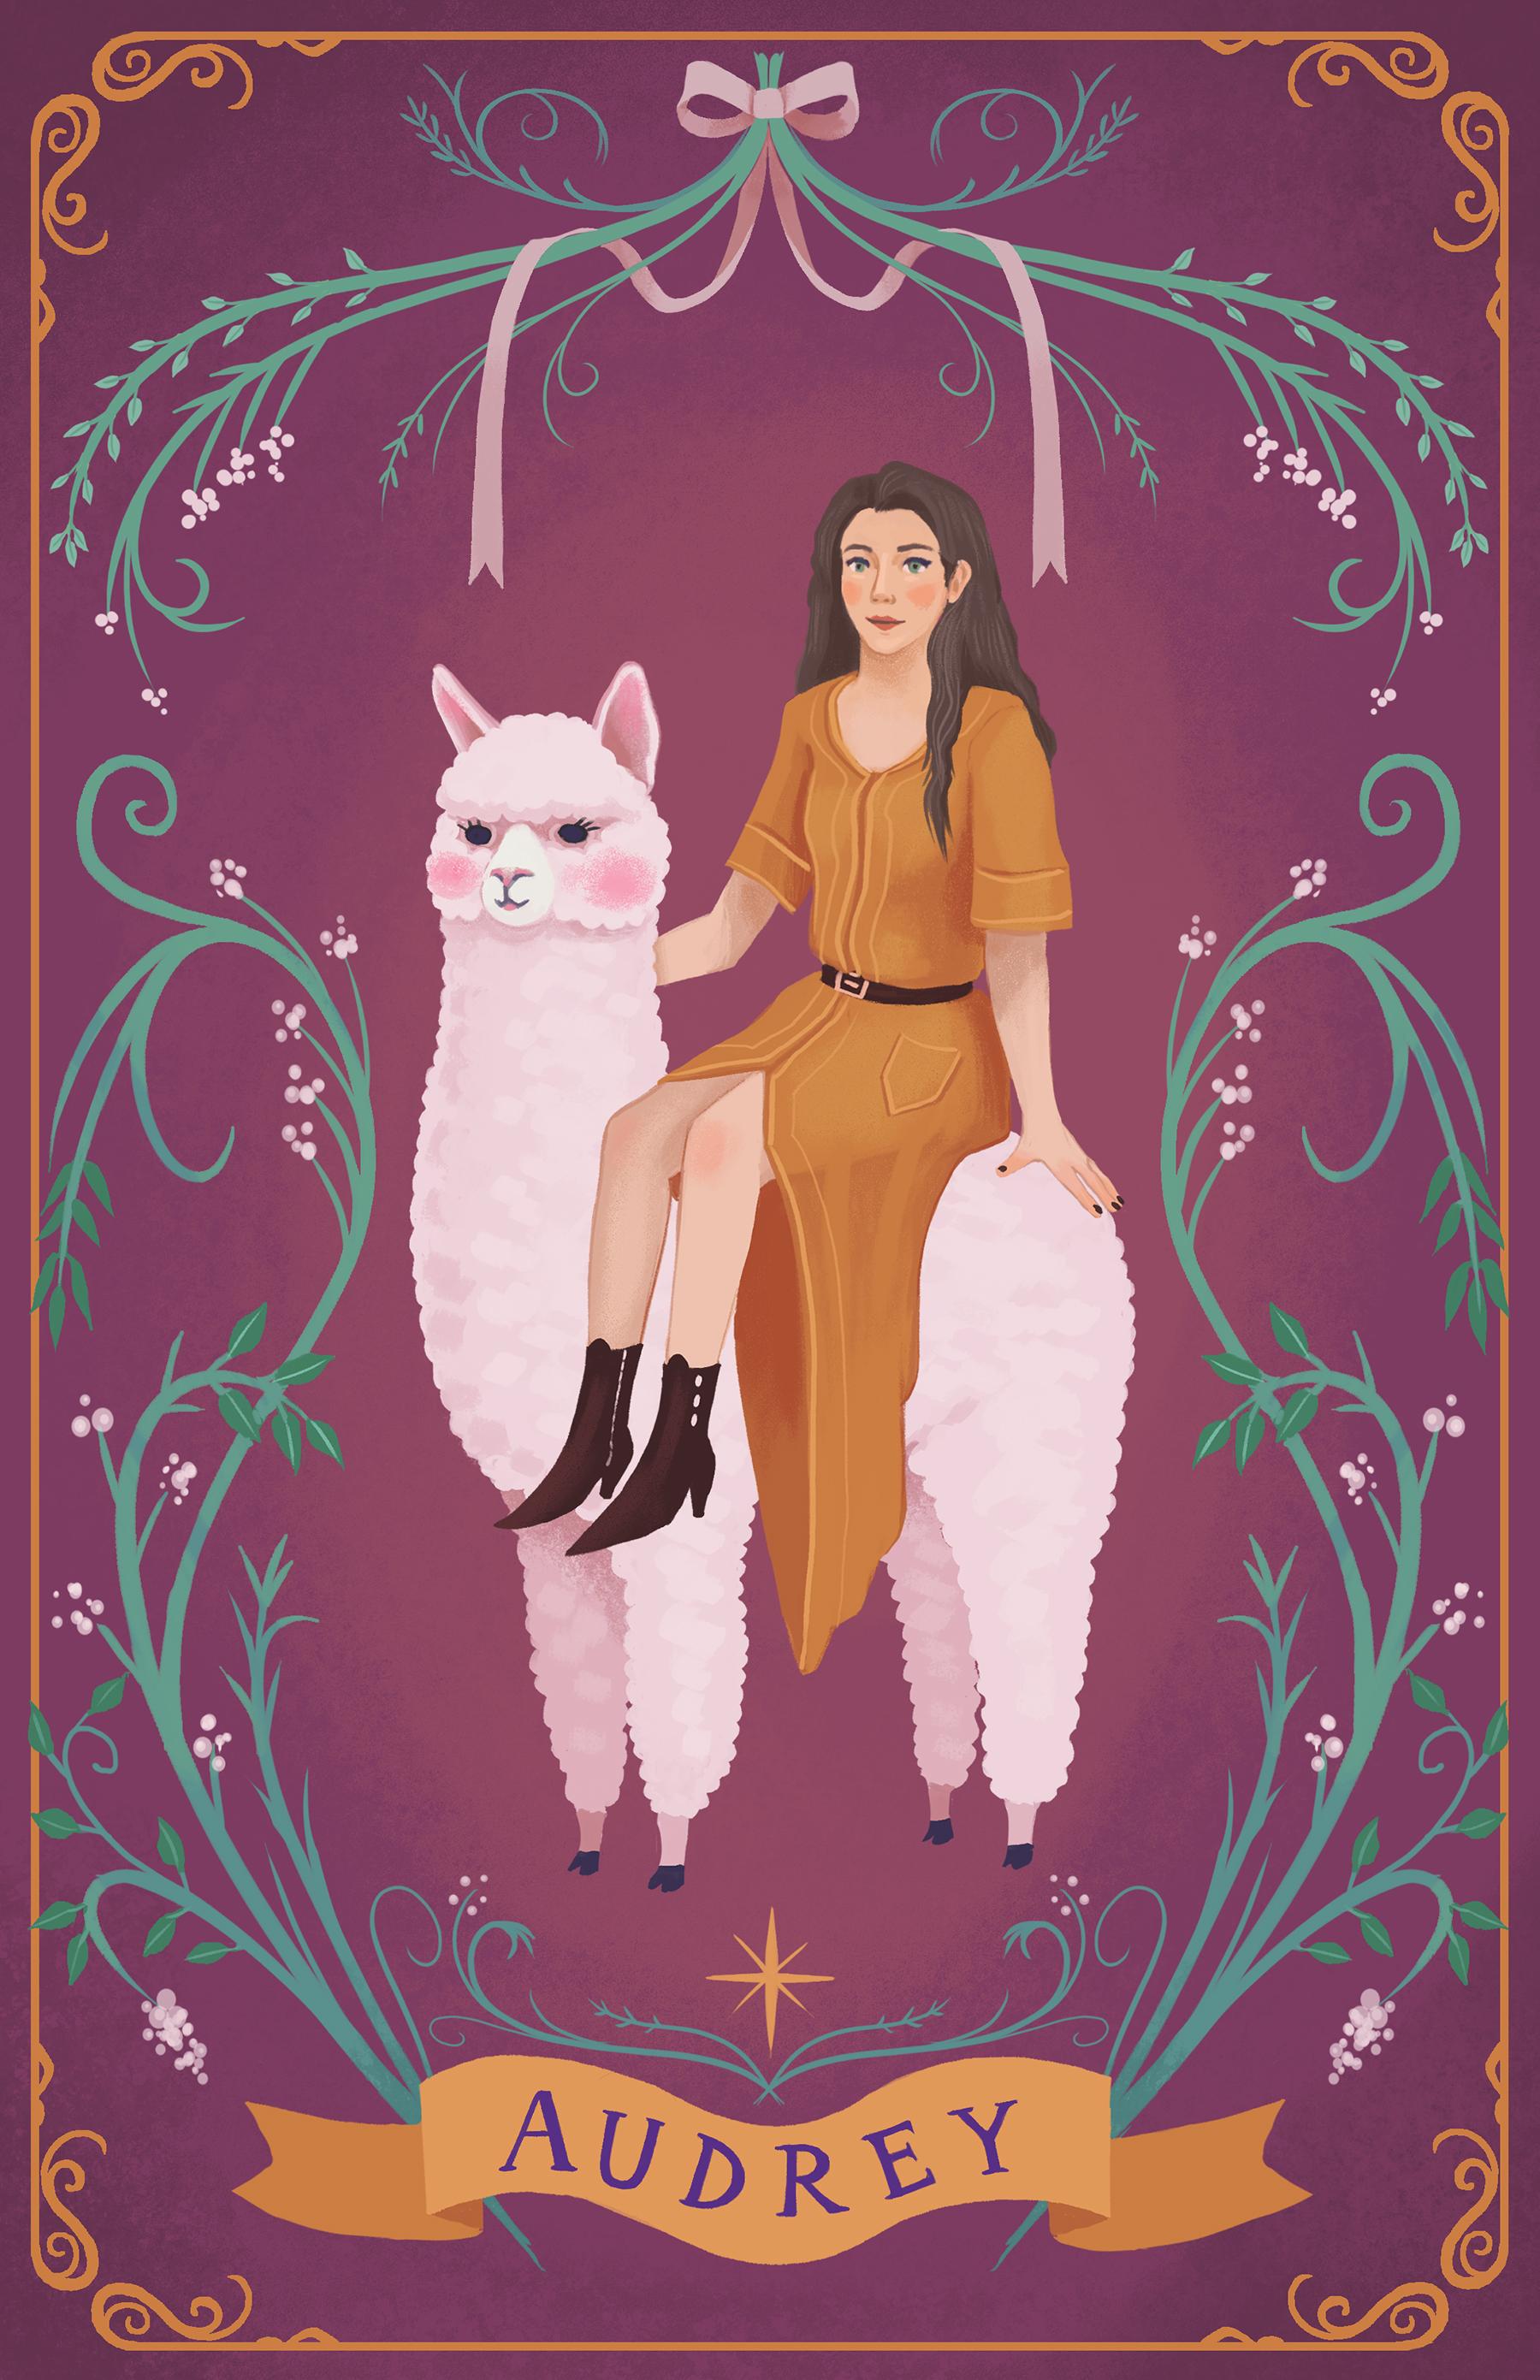 Audrey - A commissioned portrait of Audrey riding an alpaca.